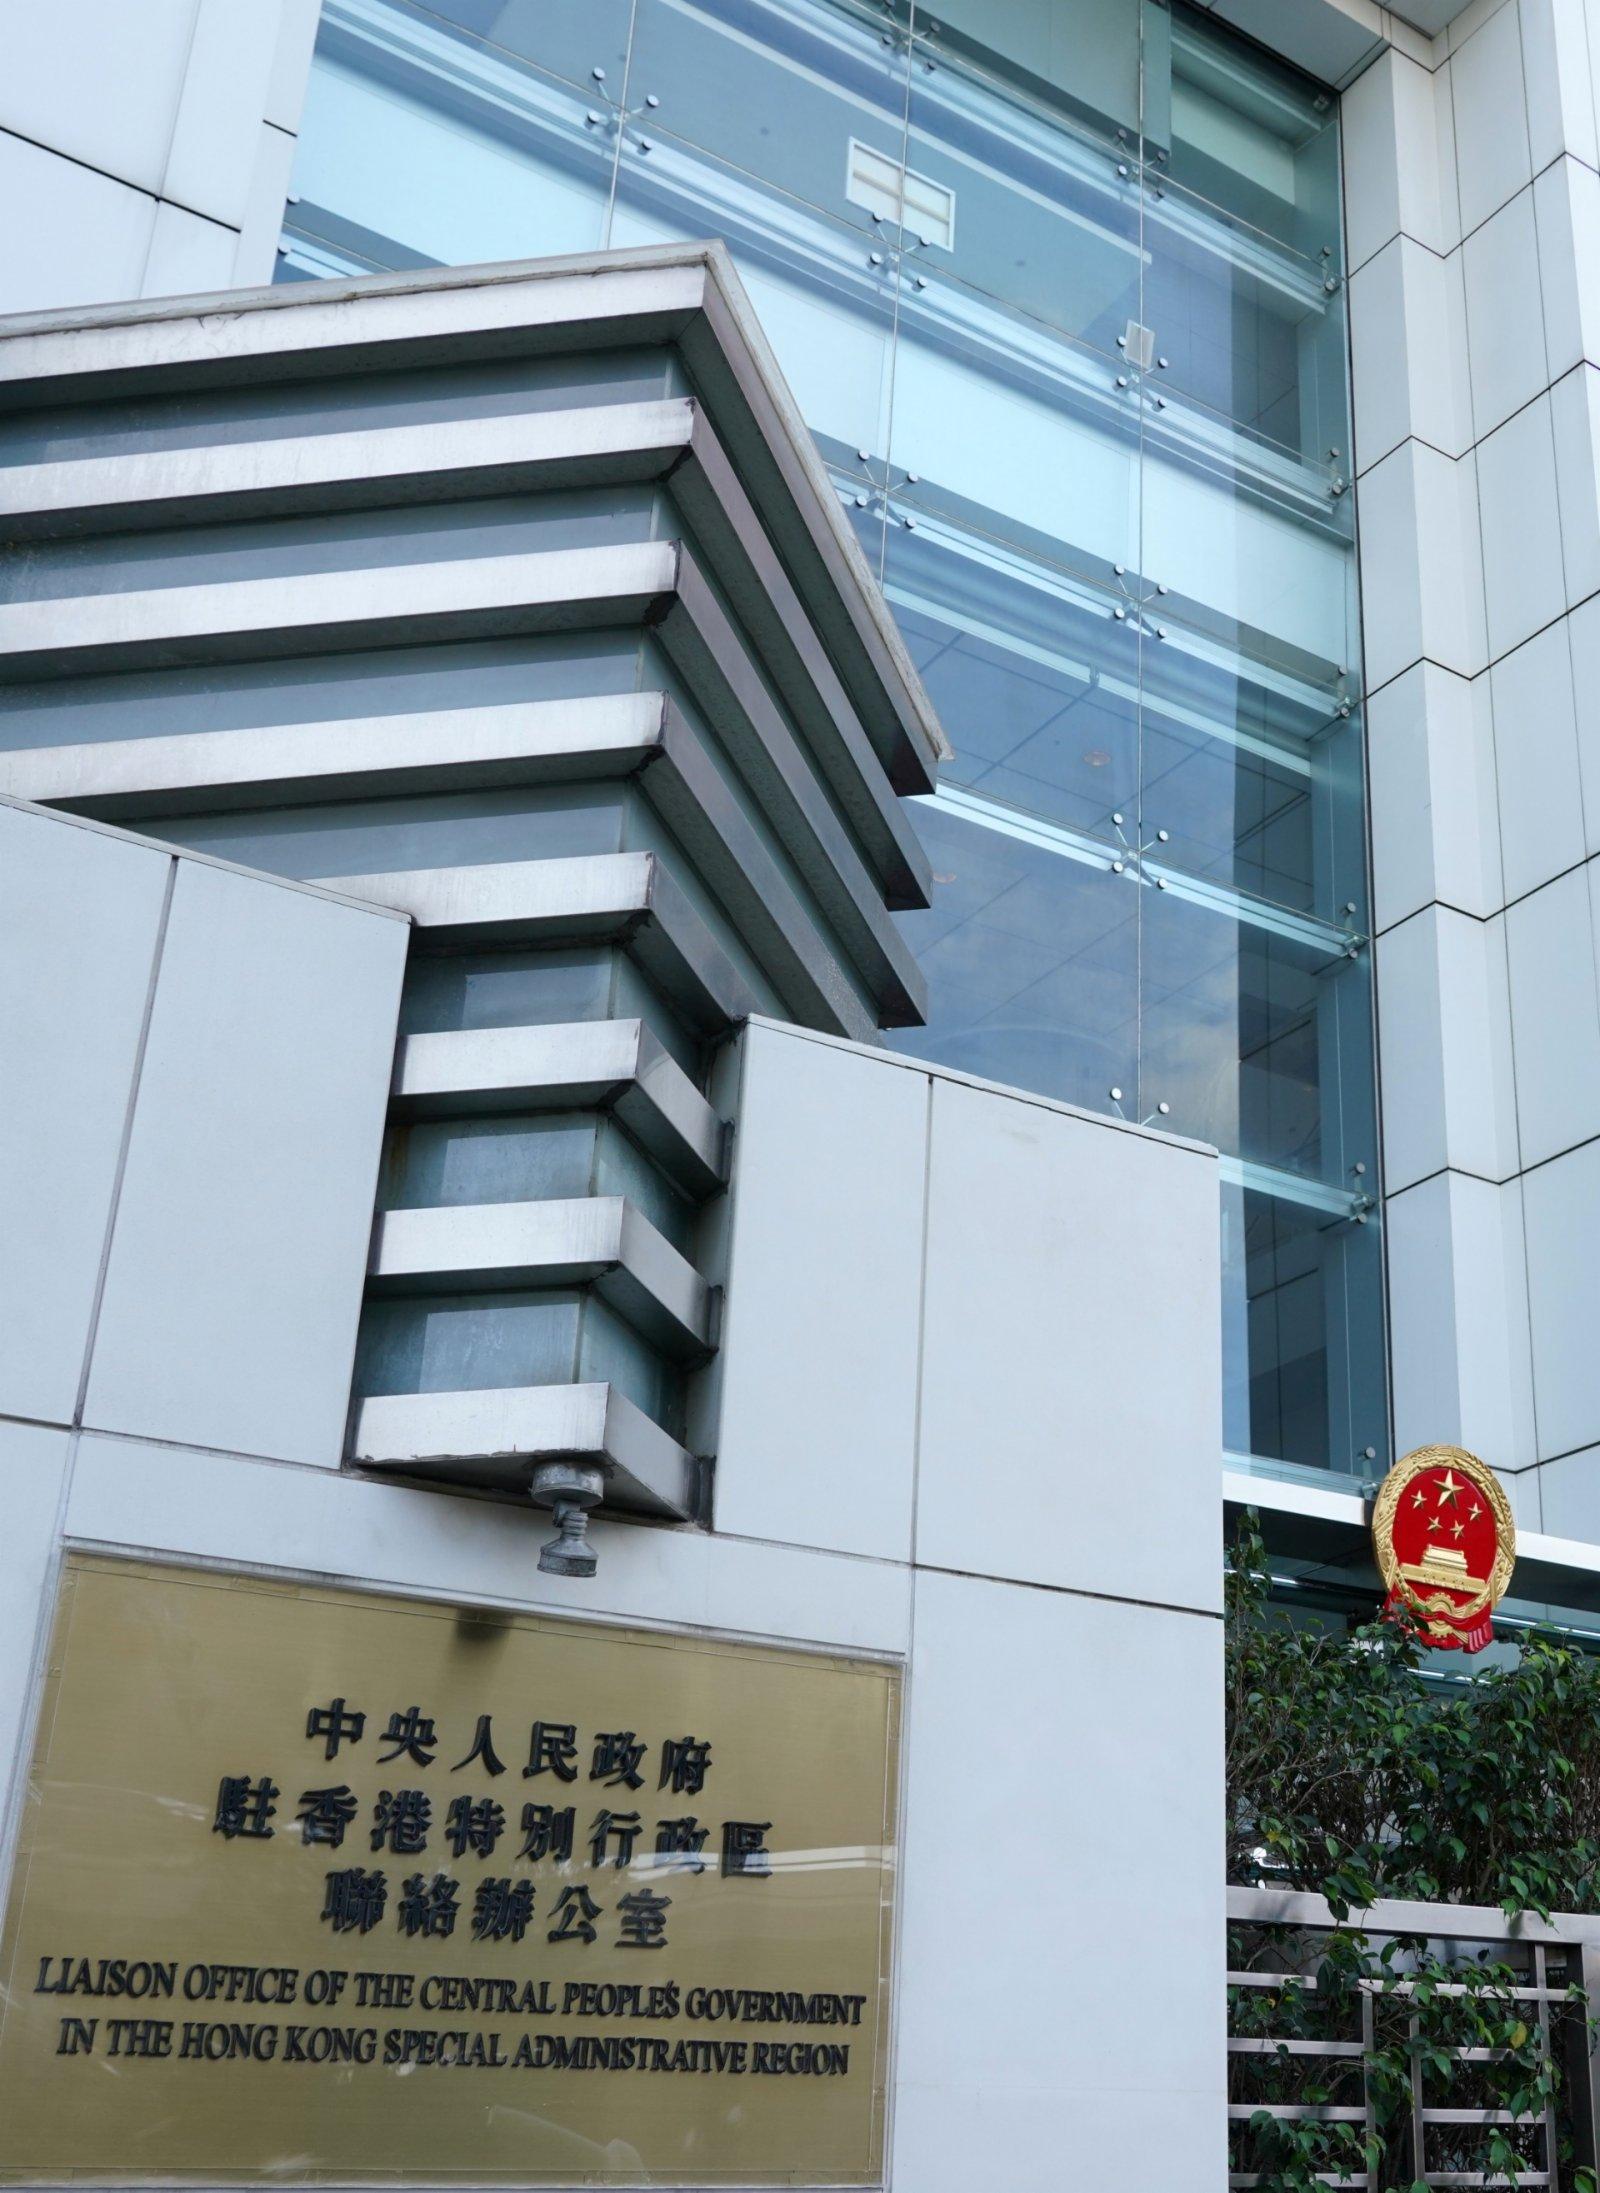 香港中聯辦:完善特區選舉制度護長遠 開啟香港良政善治新篇章